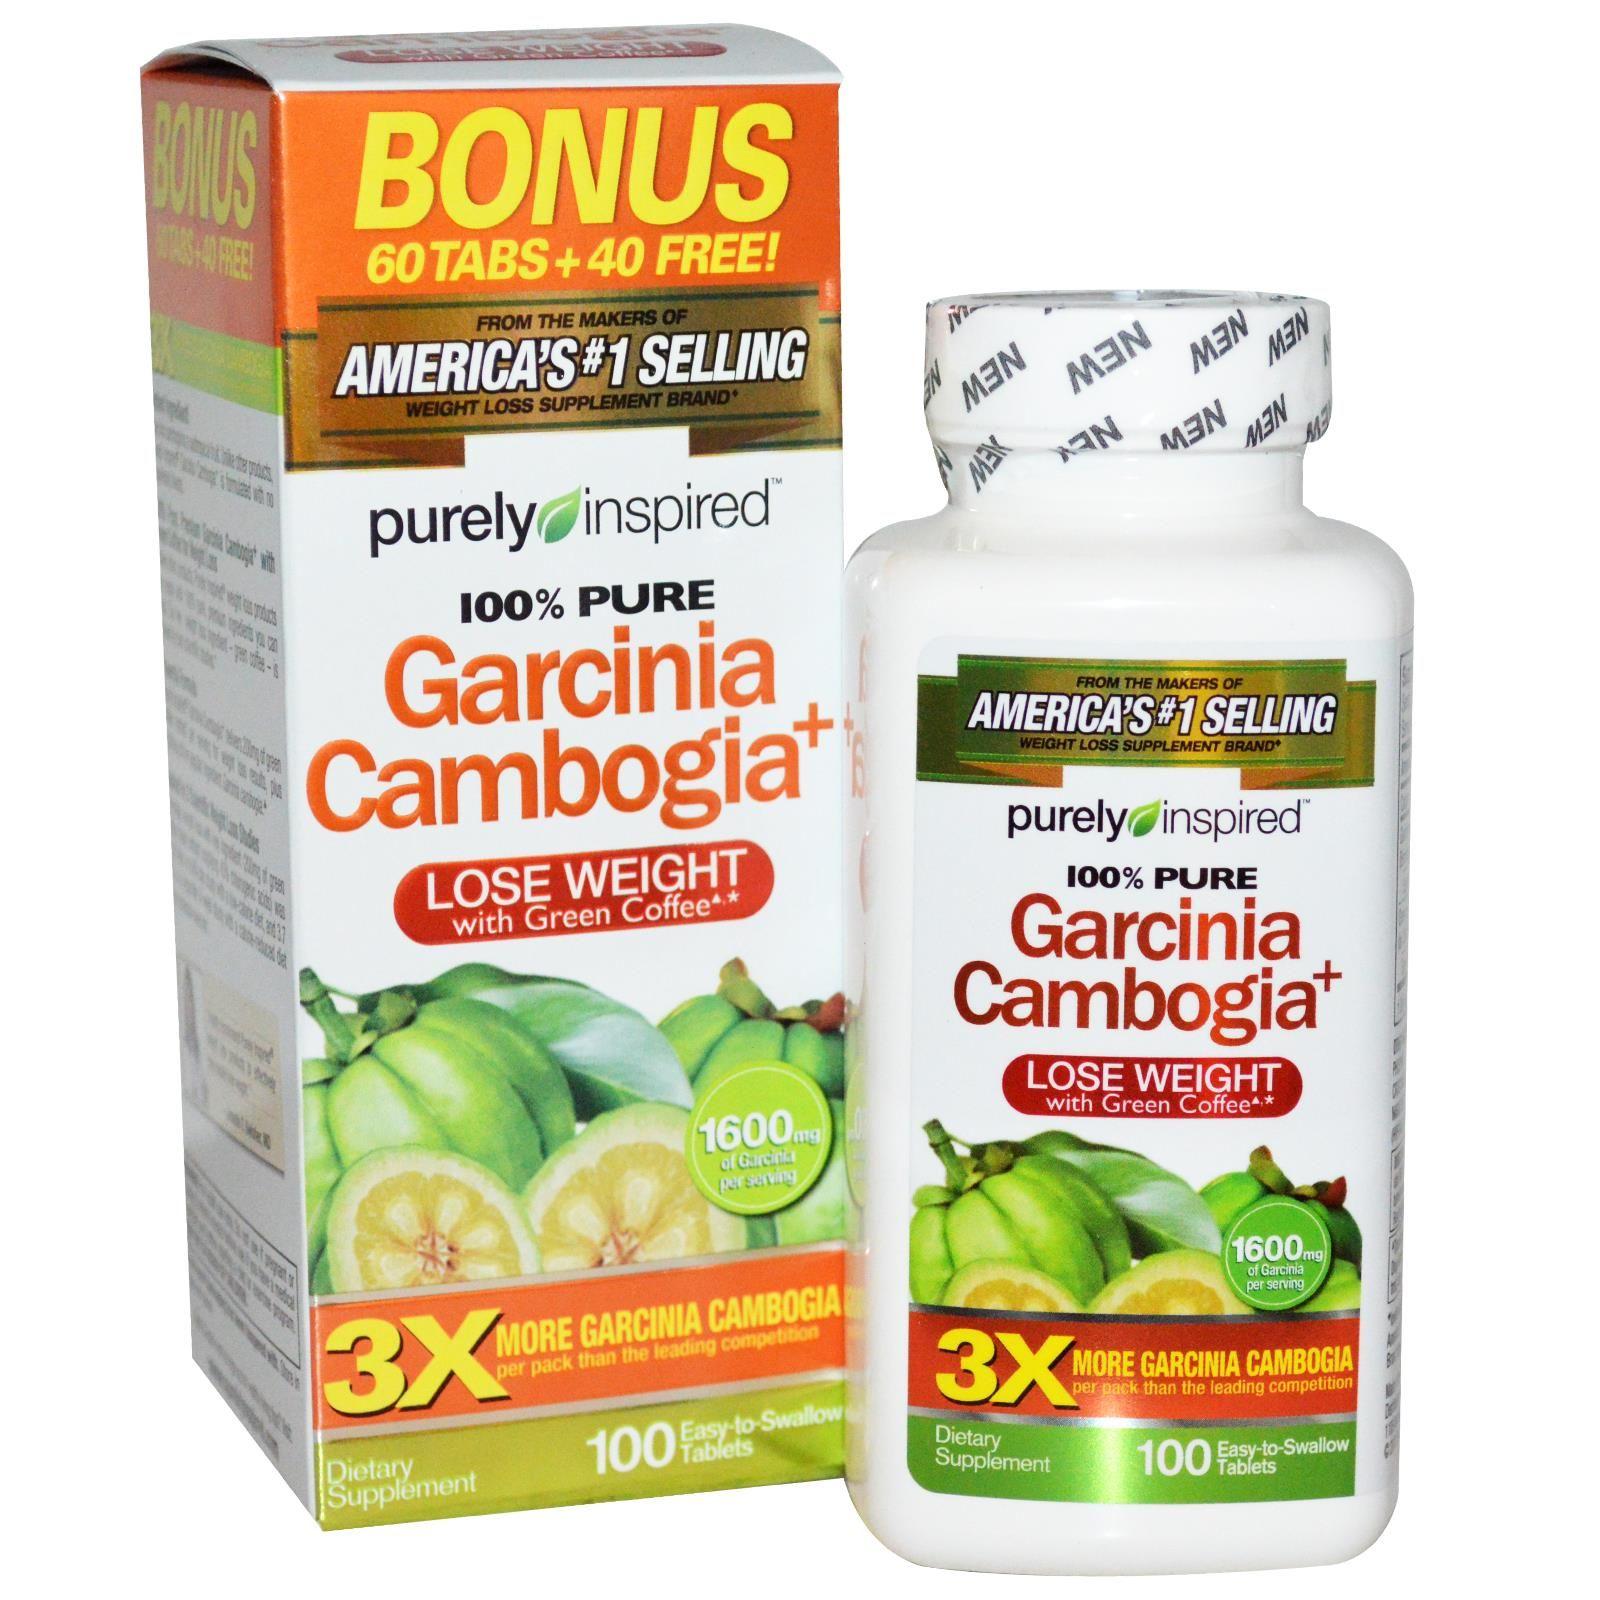 Wie man Garcinia Cambogia zur Gewichtsreduktion einnimmt